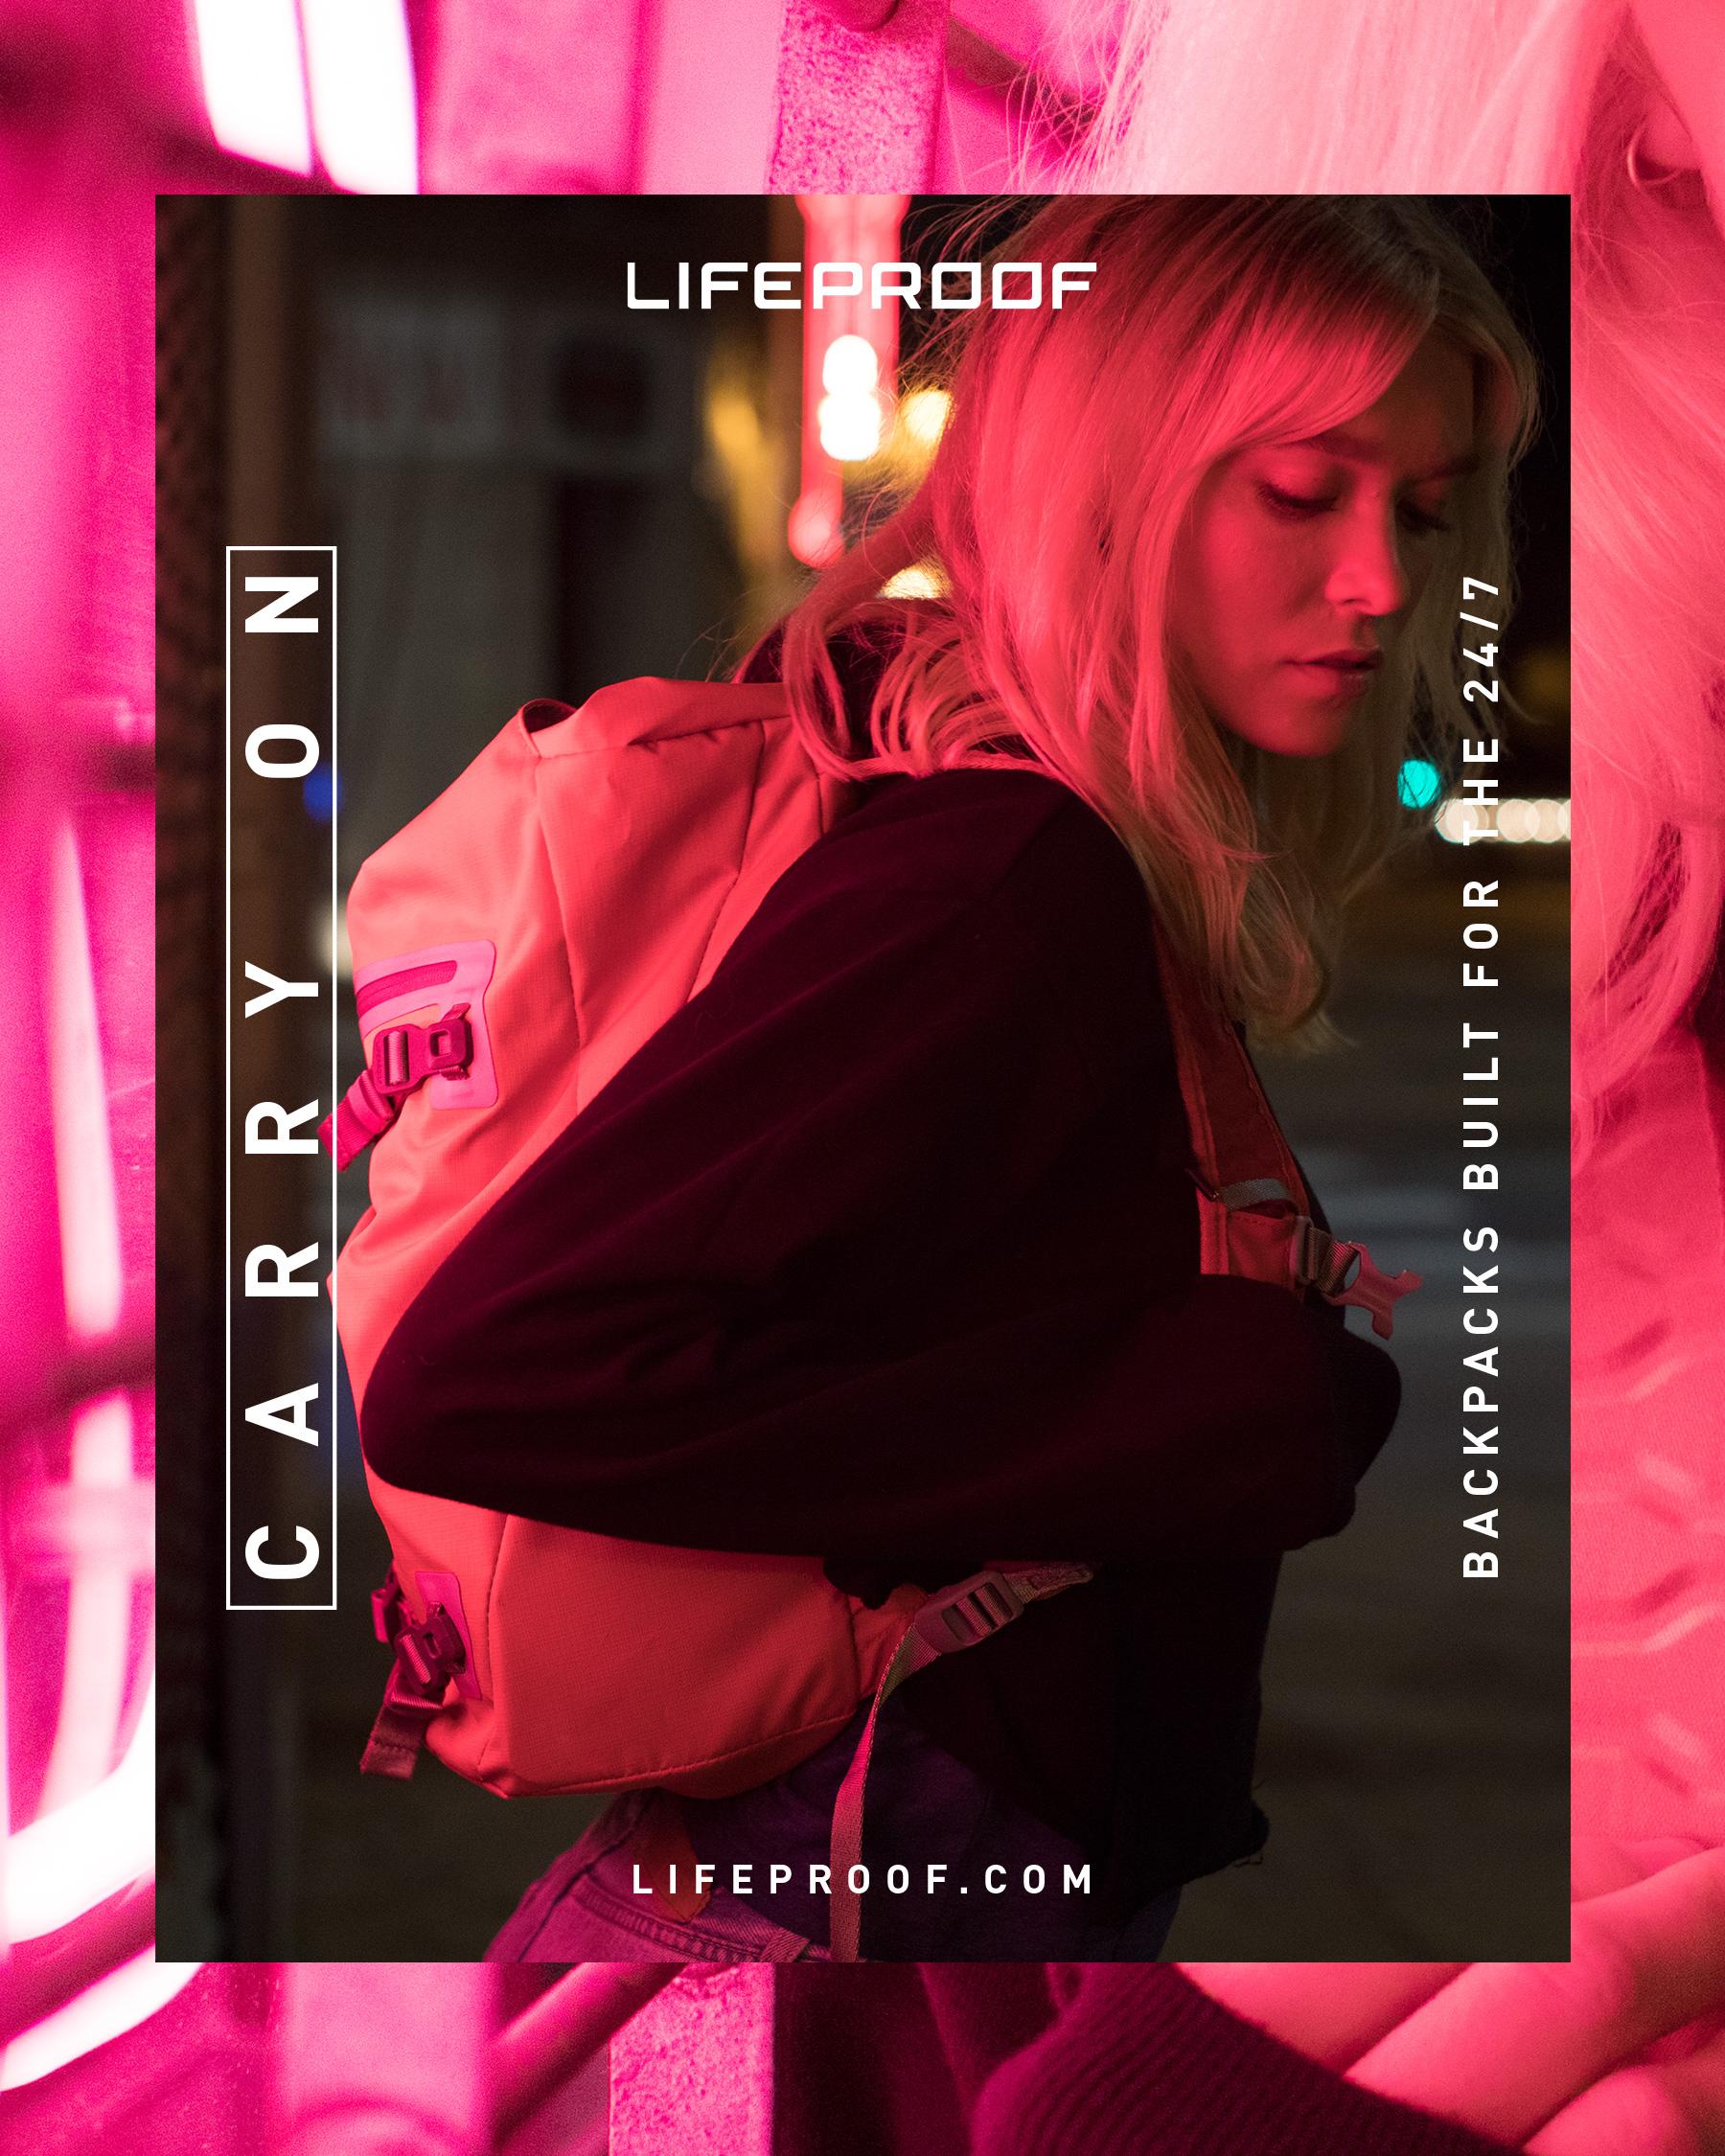 lifeproof_julianmartin